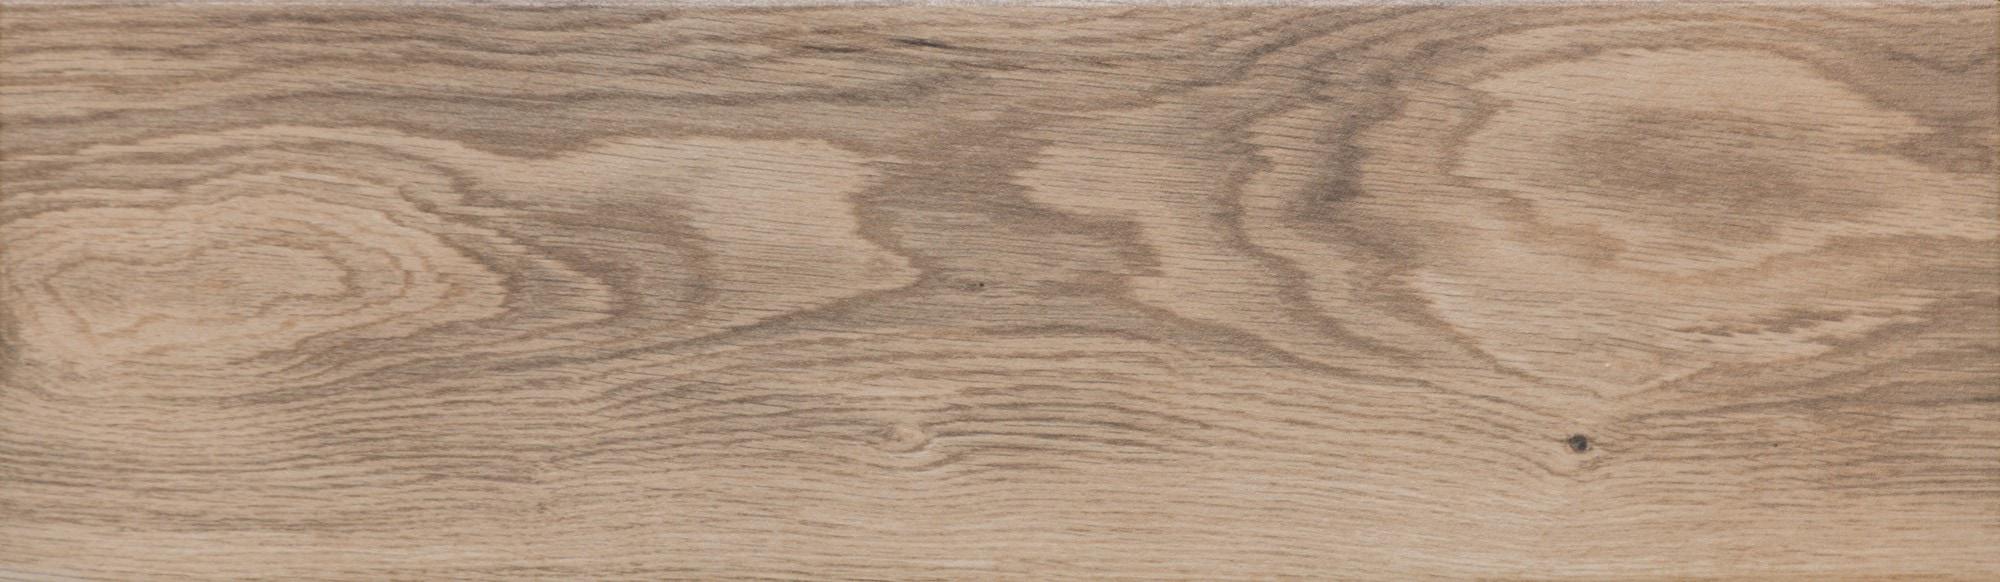 Płytka podłogowa Cerrad Setim Mist 60x17,5cm 25298